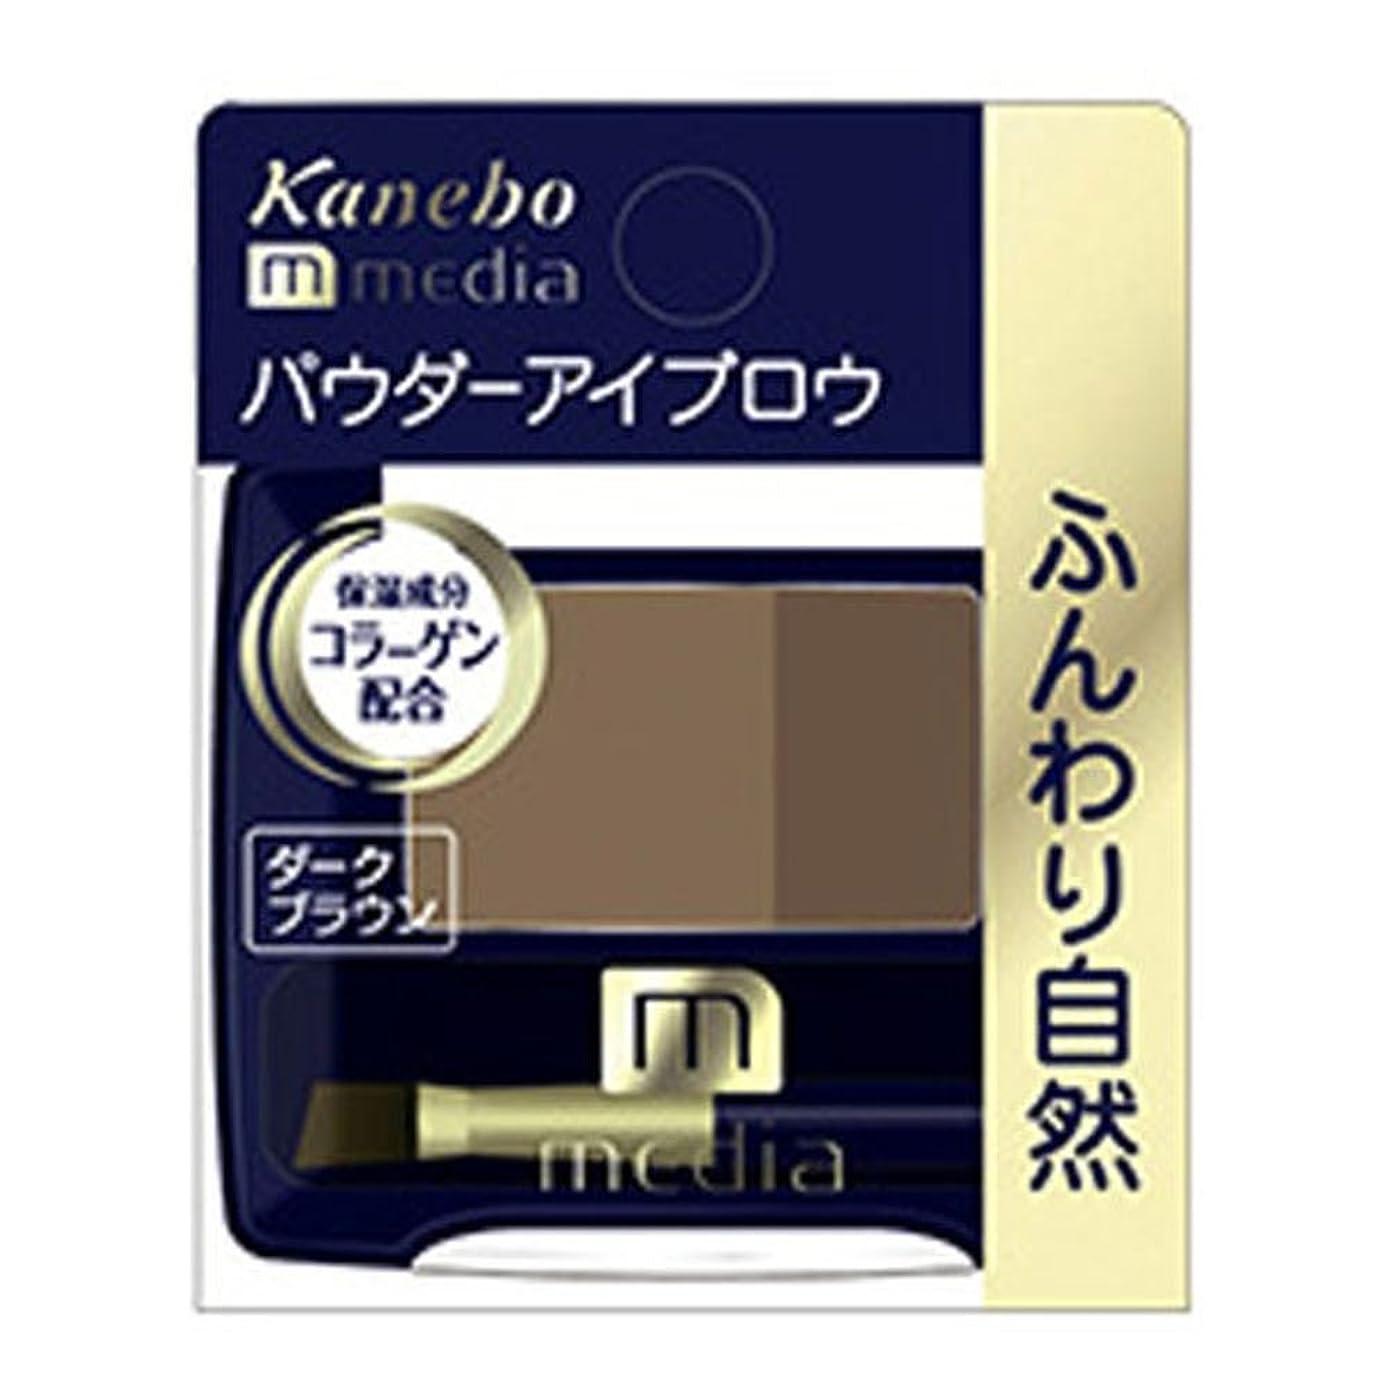 トリプル毒液接尾辞【カネボウ】 メディア パウダーアイブロウa DB?1